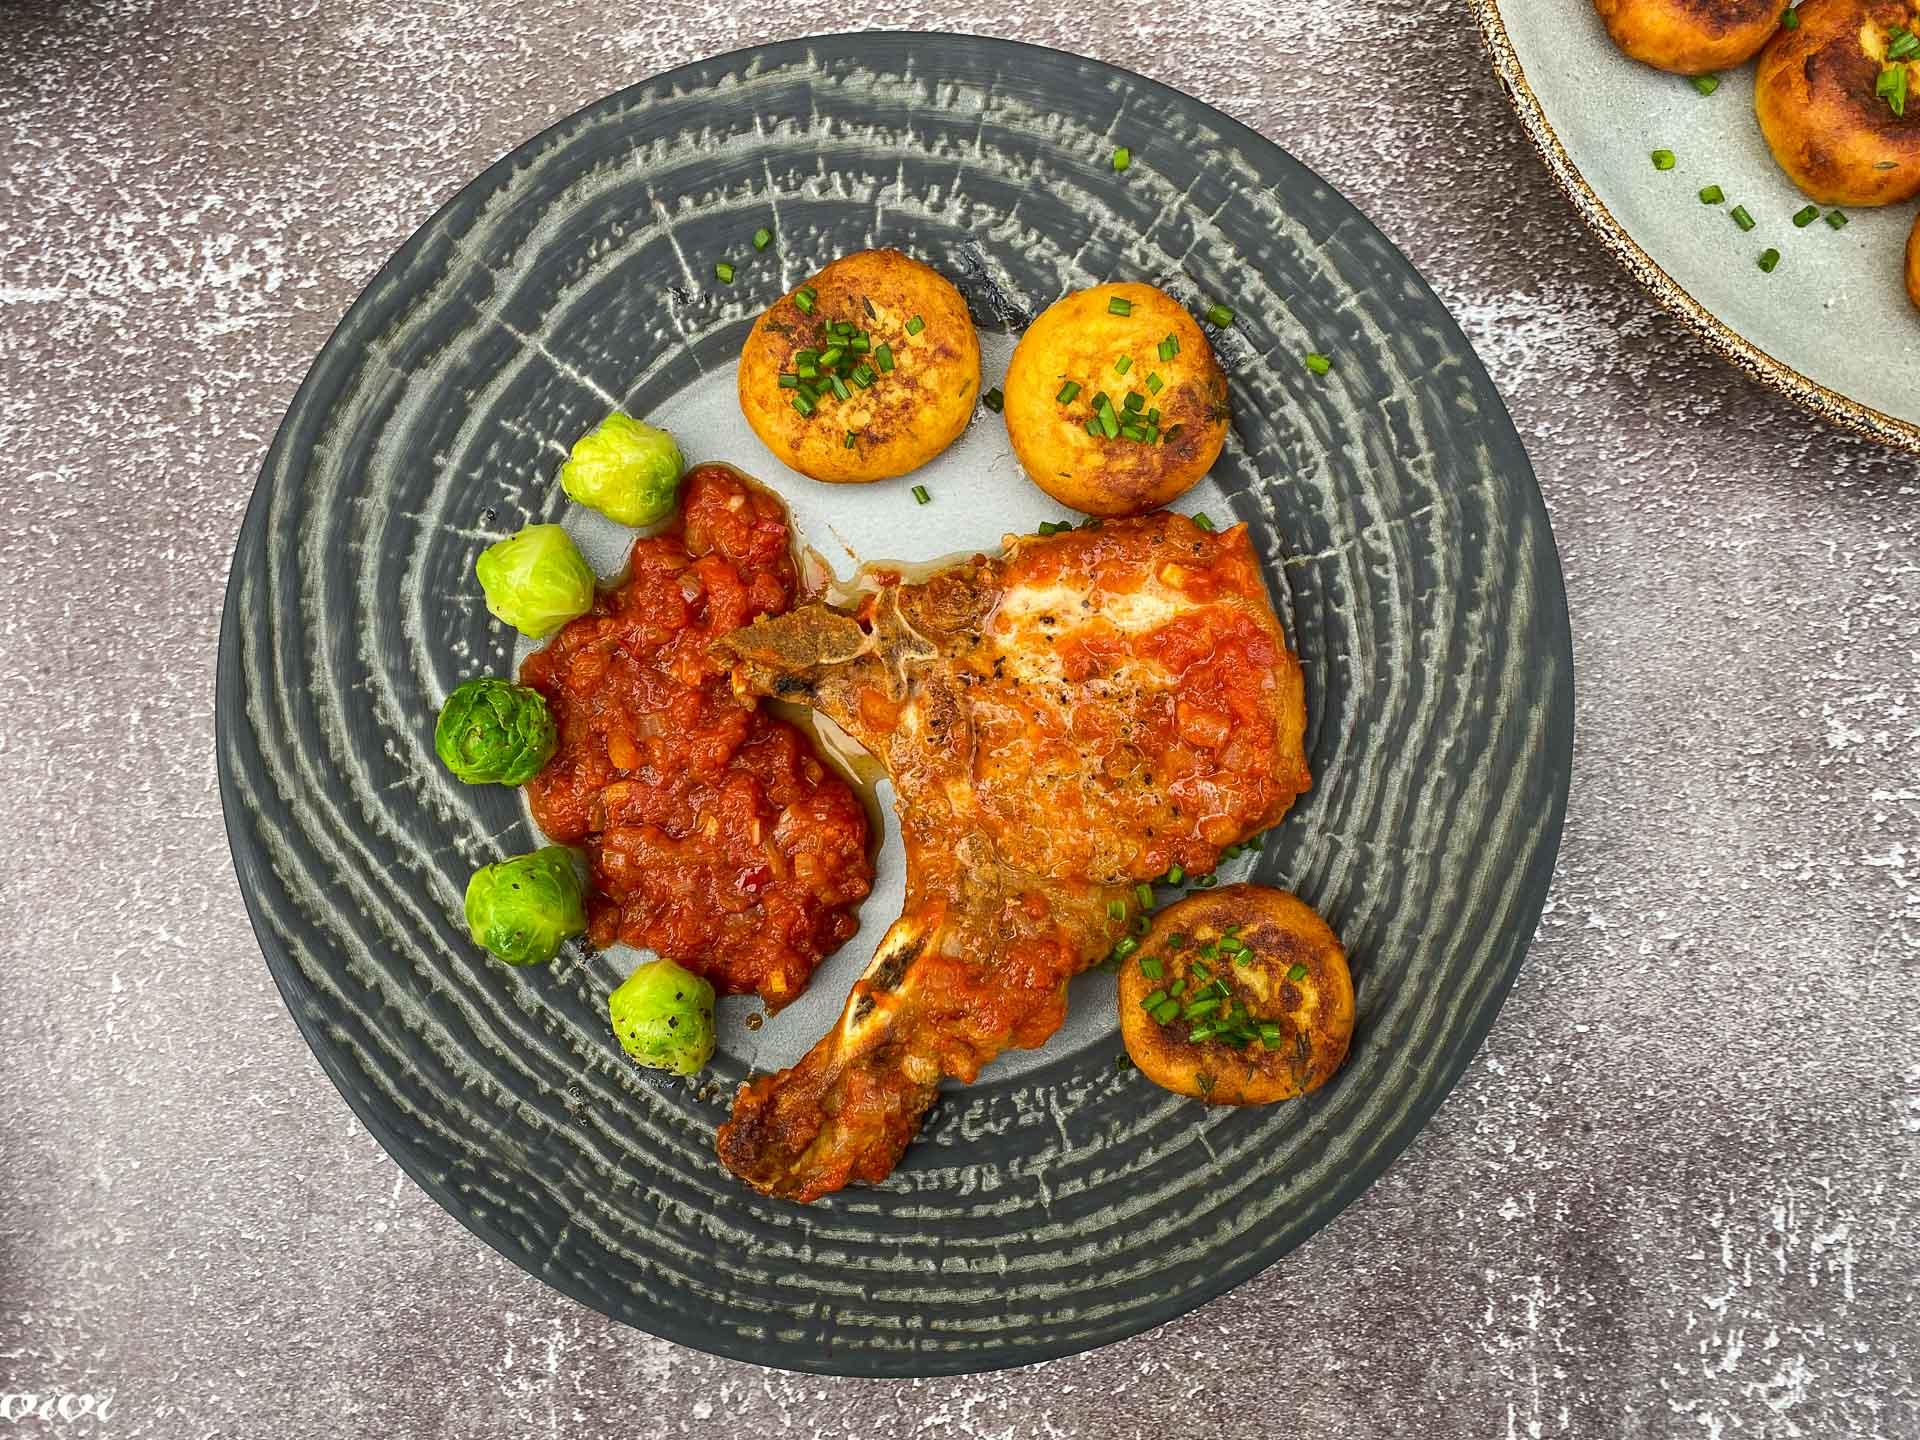 svinjski kotleti s papriko in paradižnikom026